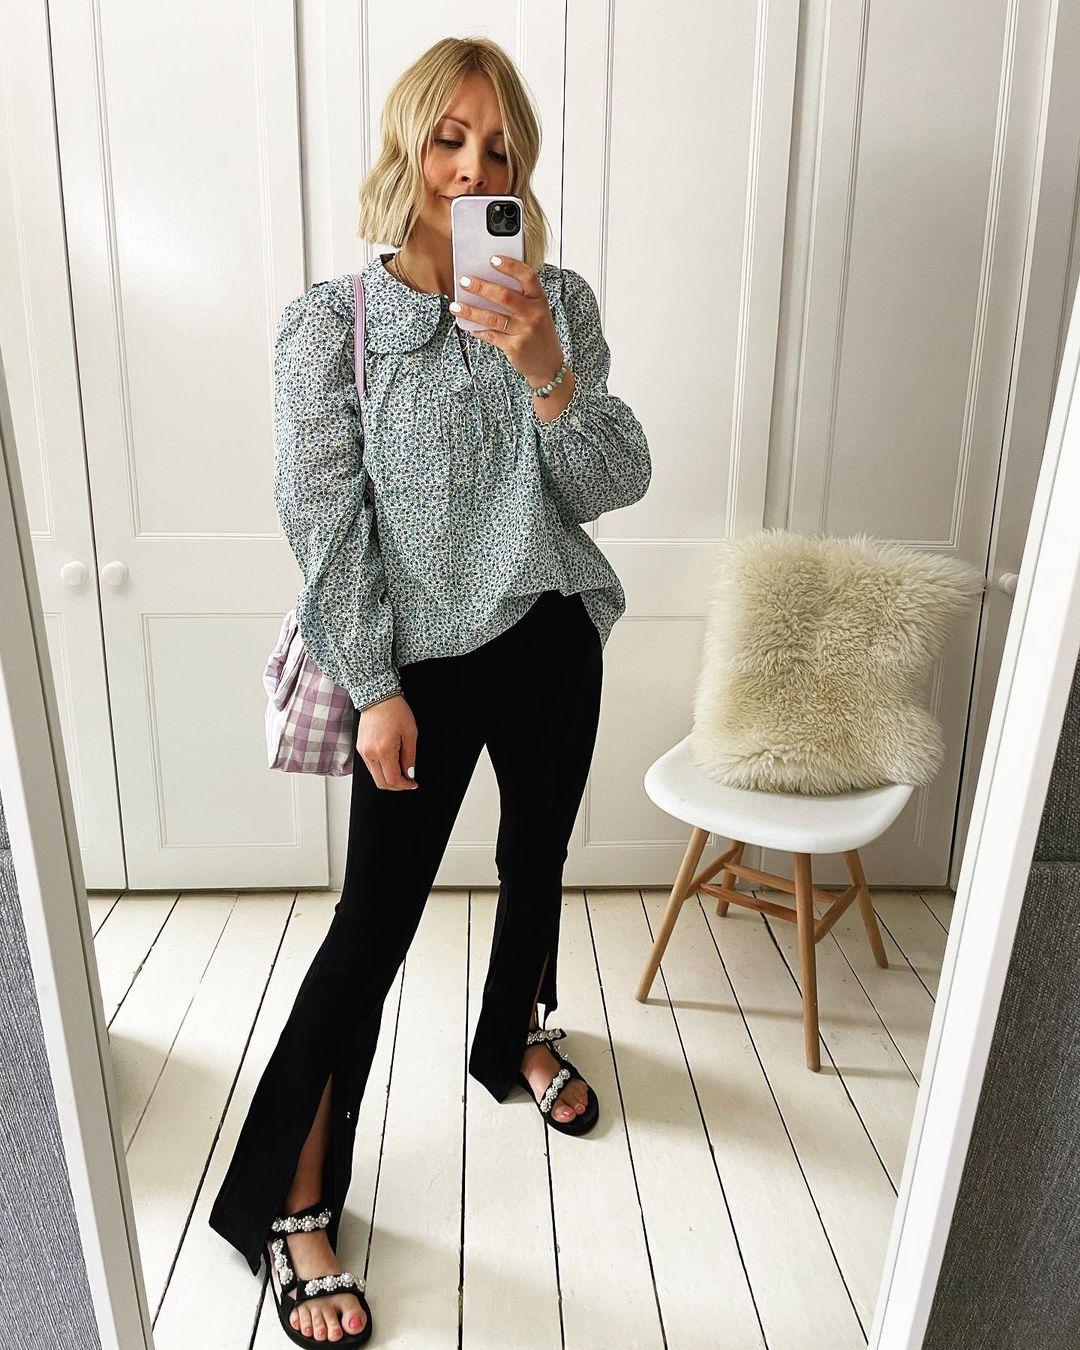 A women taking a mirror selfie in sandals